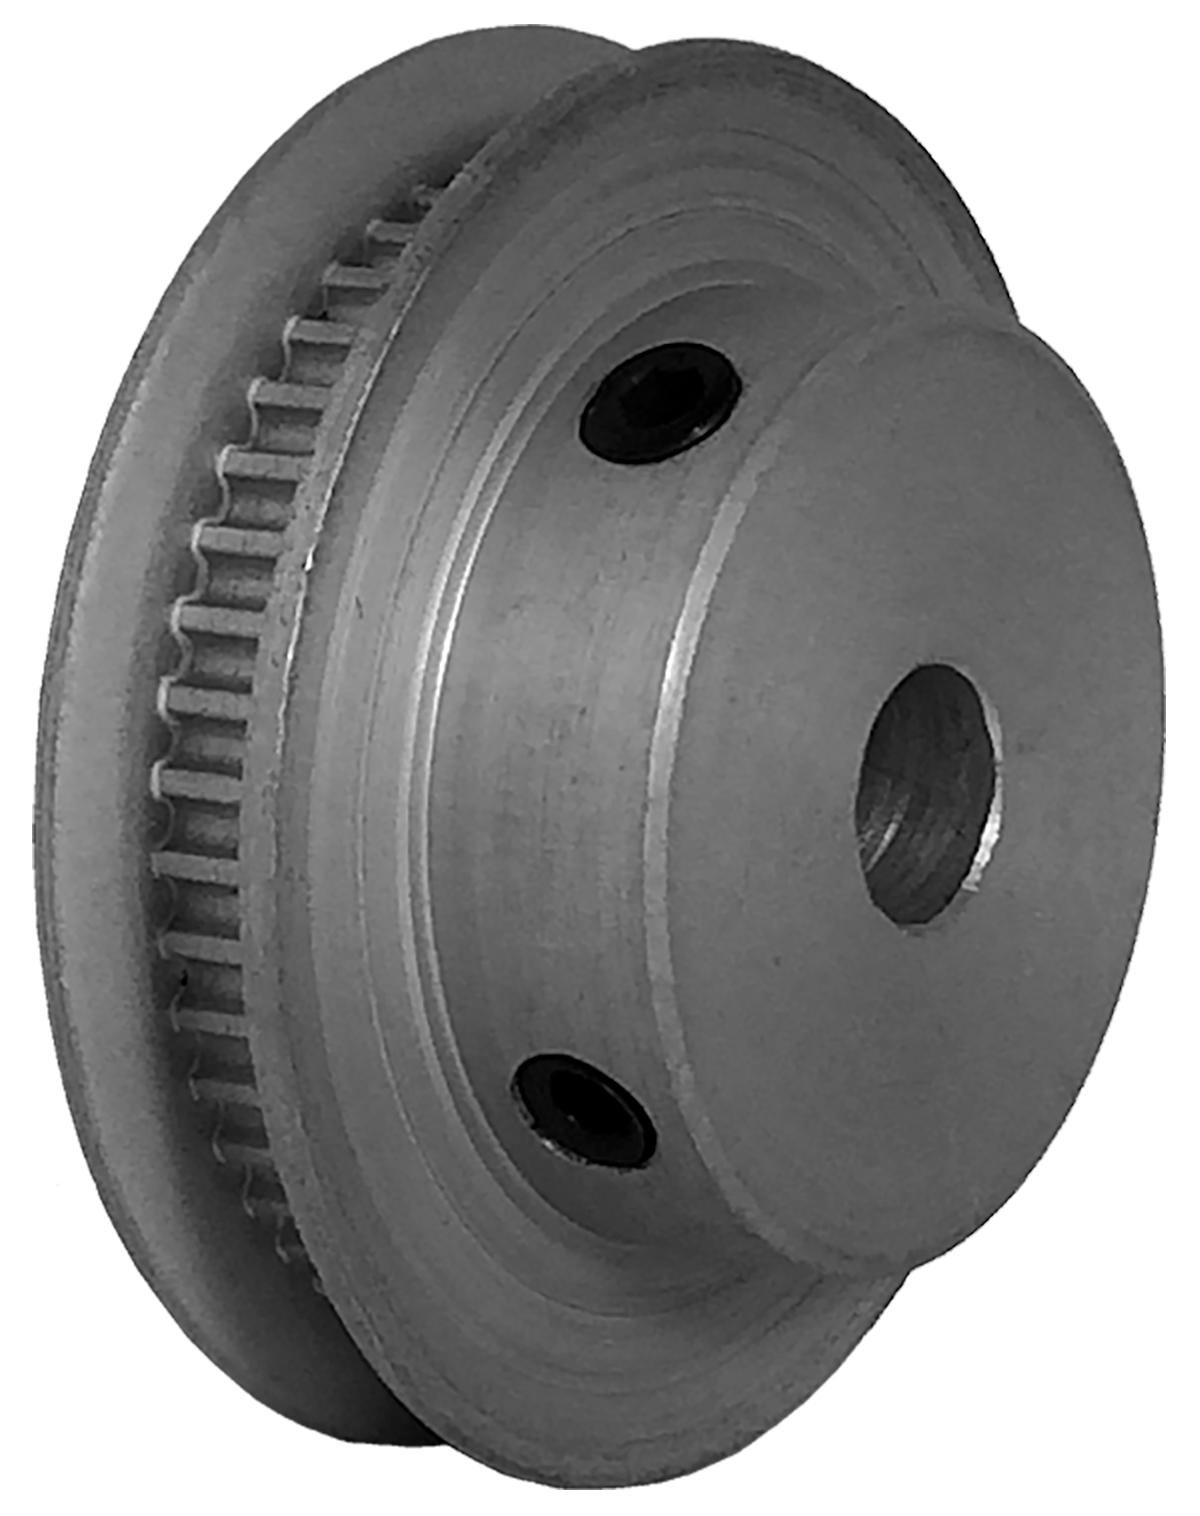 48-2P03-6FA3 - Aluminum Powerhouse® Pulleys